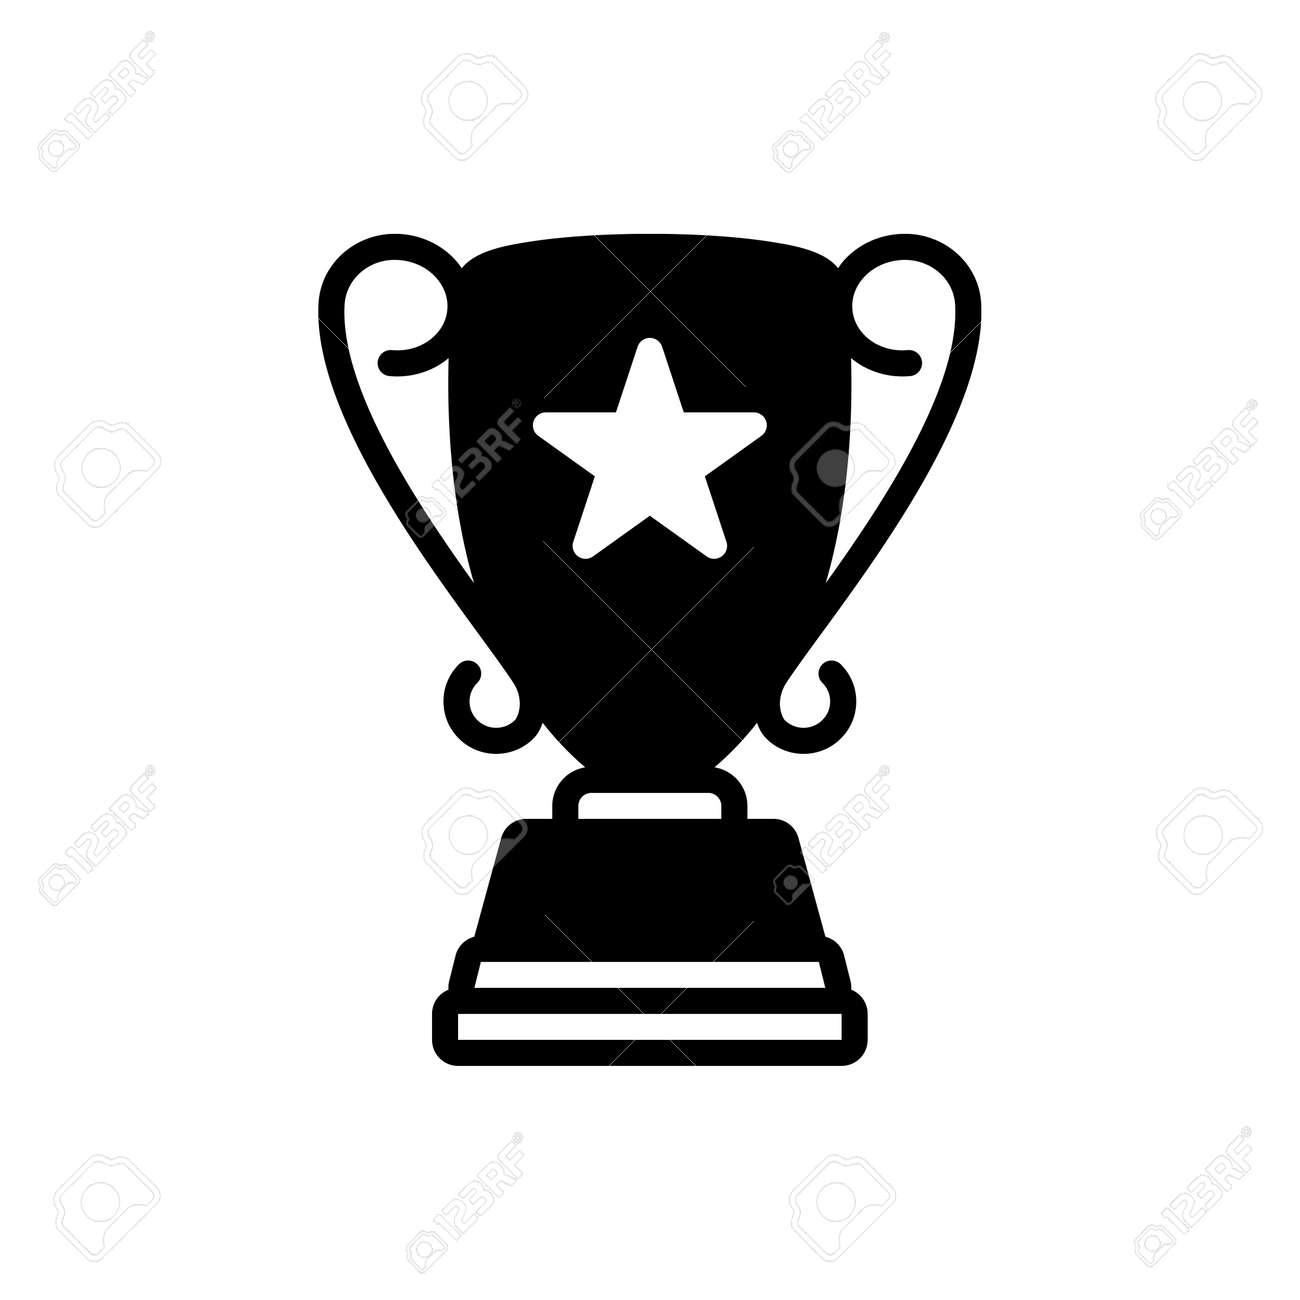 Icon for top award,top,award,accolade - 172215711